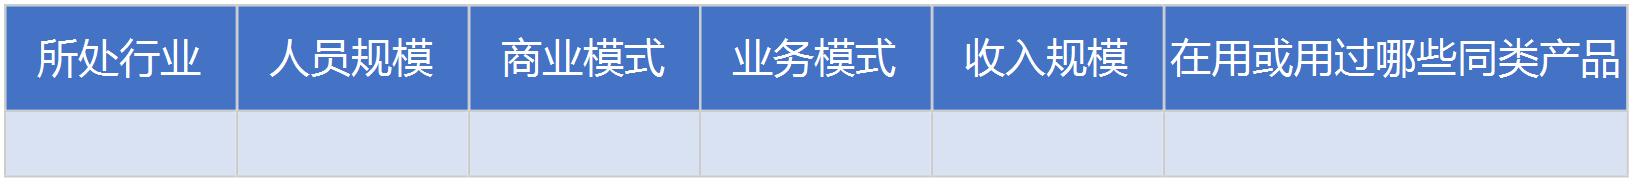 鸟哥笔记,用户运营,徐莹莹,用户研究,用户运营,用户画像